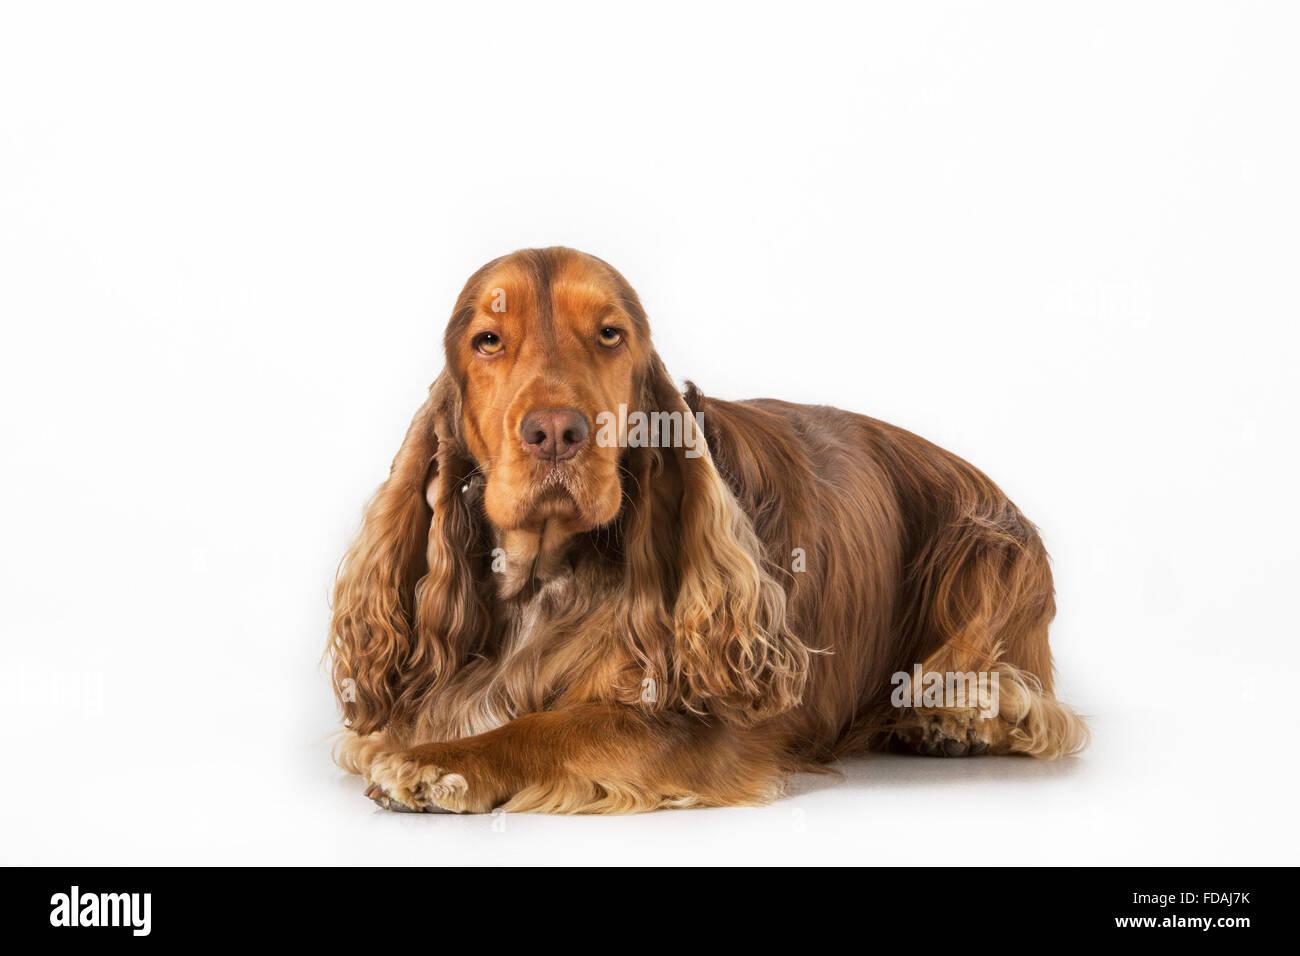 English Cocker Spaniel Hund (Canis Lupus Familiaris) Porträt vor weißem Hintergrund Stockbild